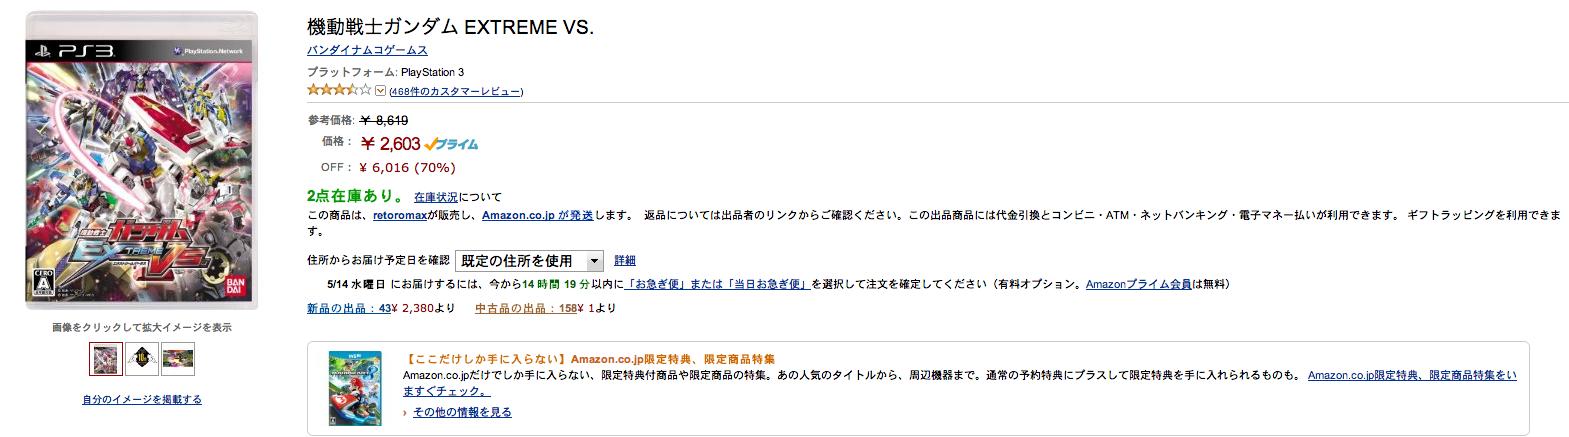 スクリーンショット 2014-05-13 17.40.40